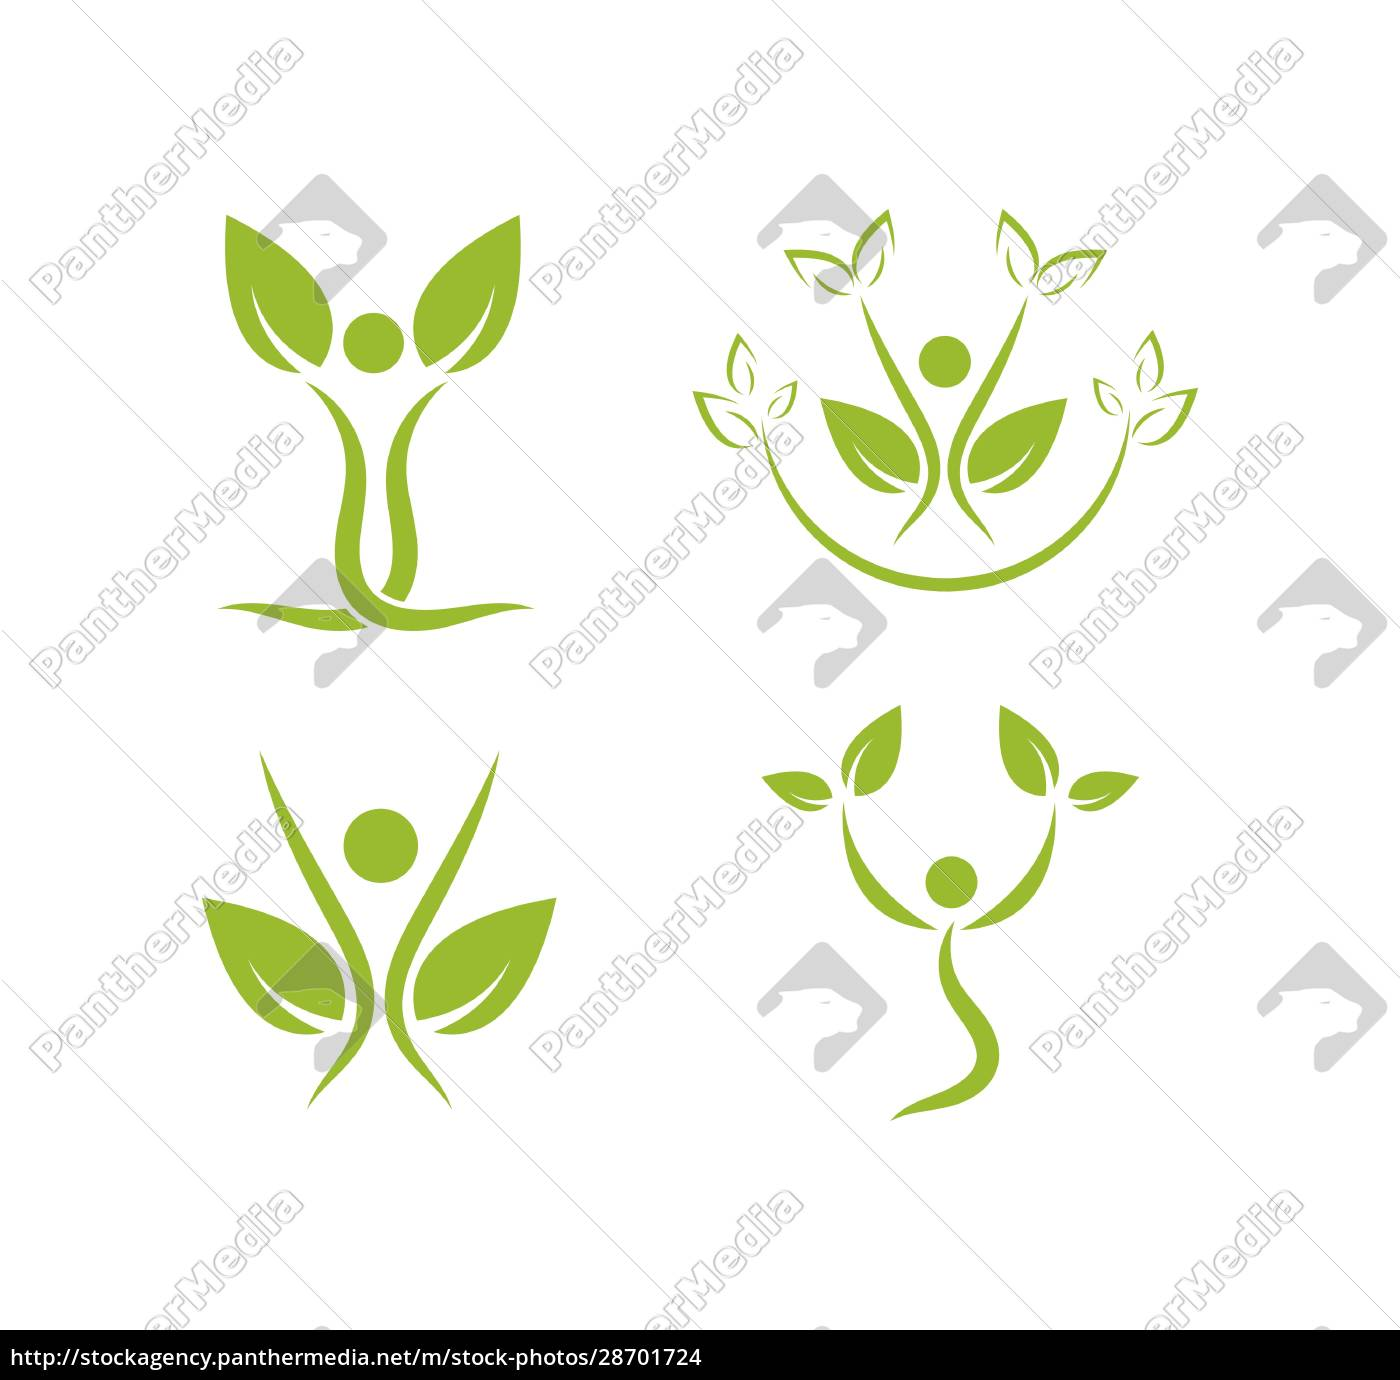 gesundes, leben, menschen, medizinische, logo-vorlage, vektor - 28701724